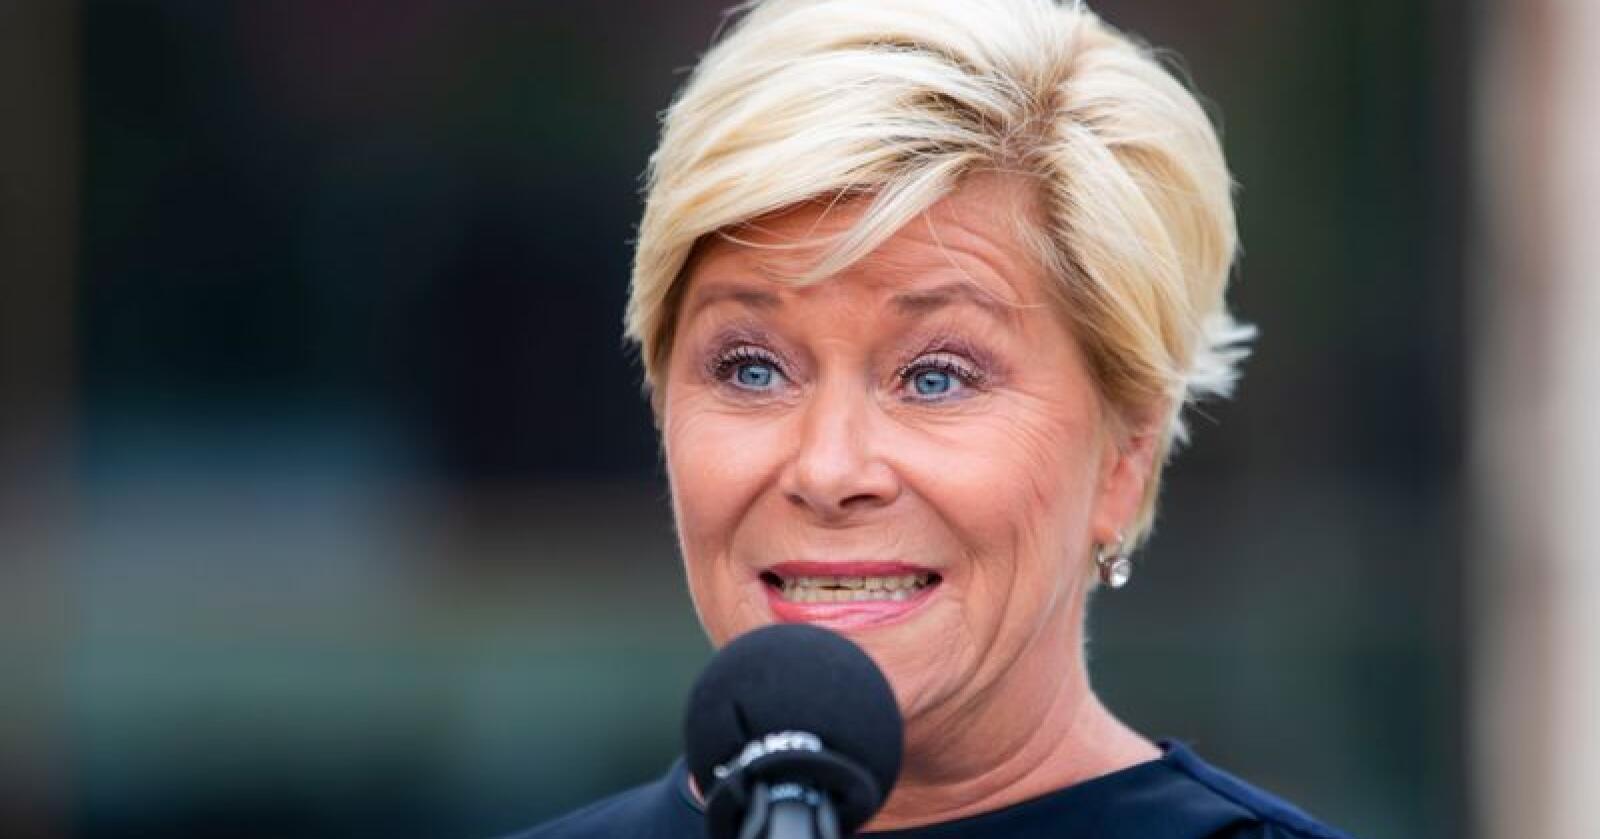 Finansminister Siv Jensen (Frp) skal mandag legge fram regjeringens forslag til statsbudsjettet for 2020. Foto: Håkon Mosvold Larsen / NTB scanpix